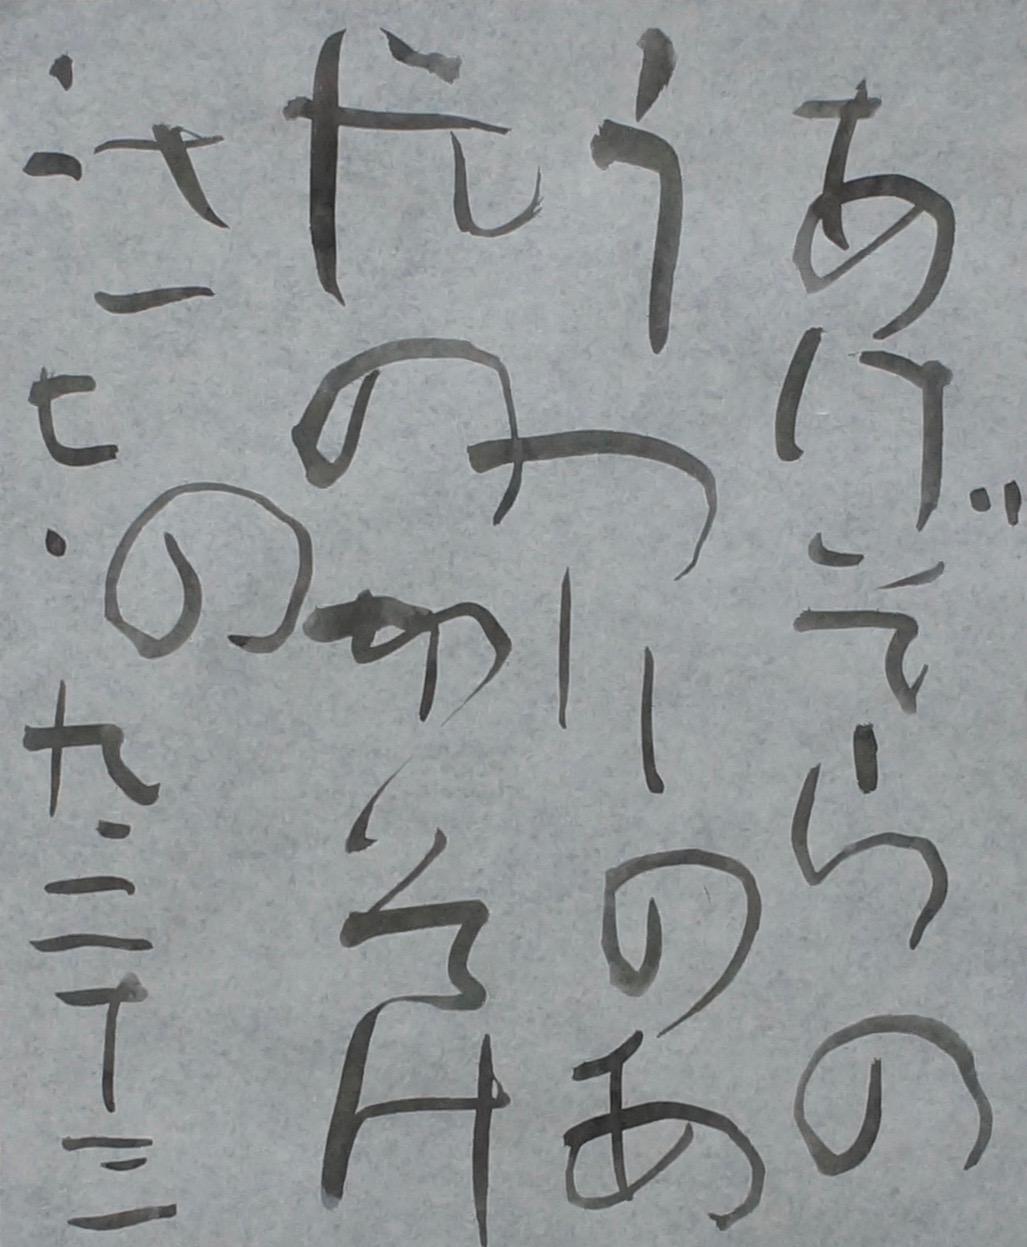 朝歌9月23日_c0169176_751574.jpg